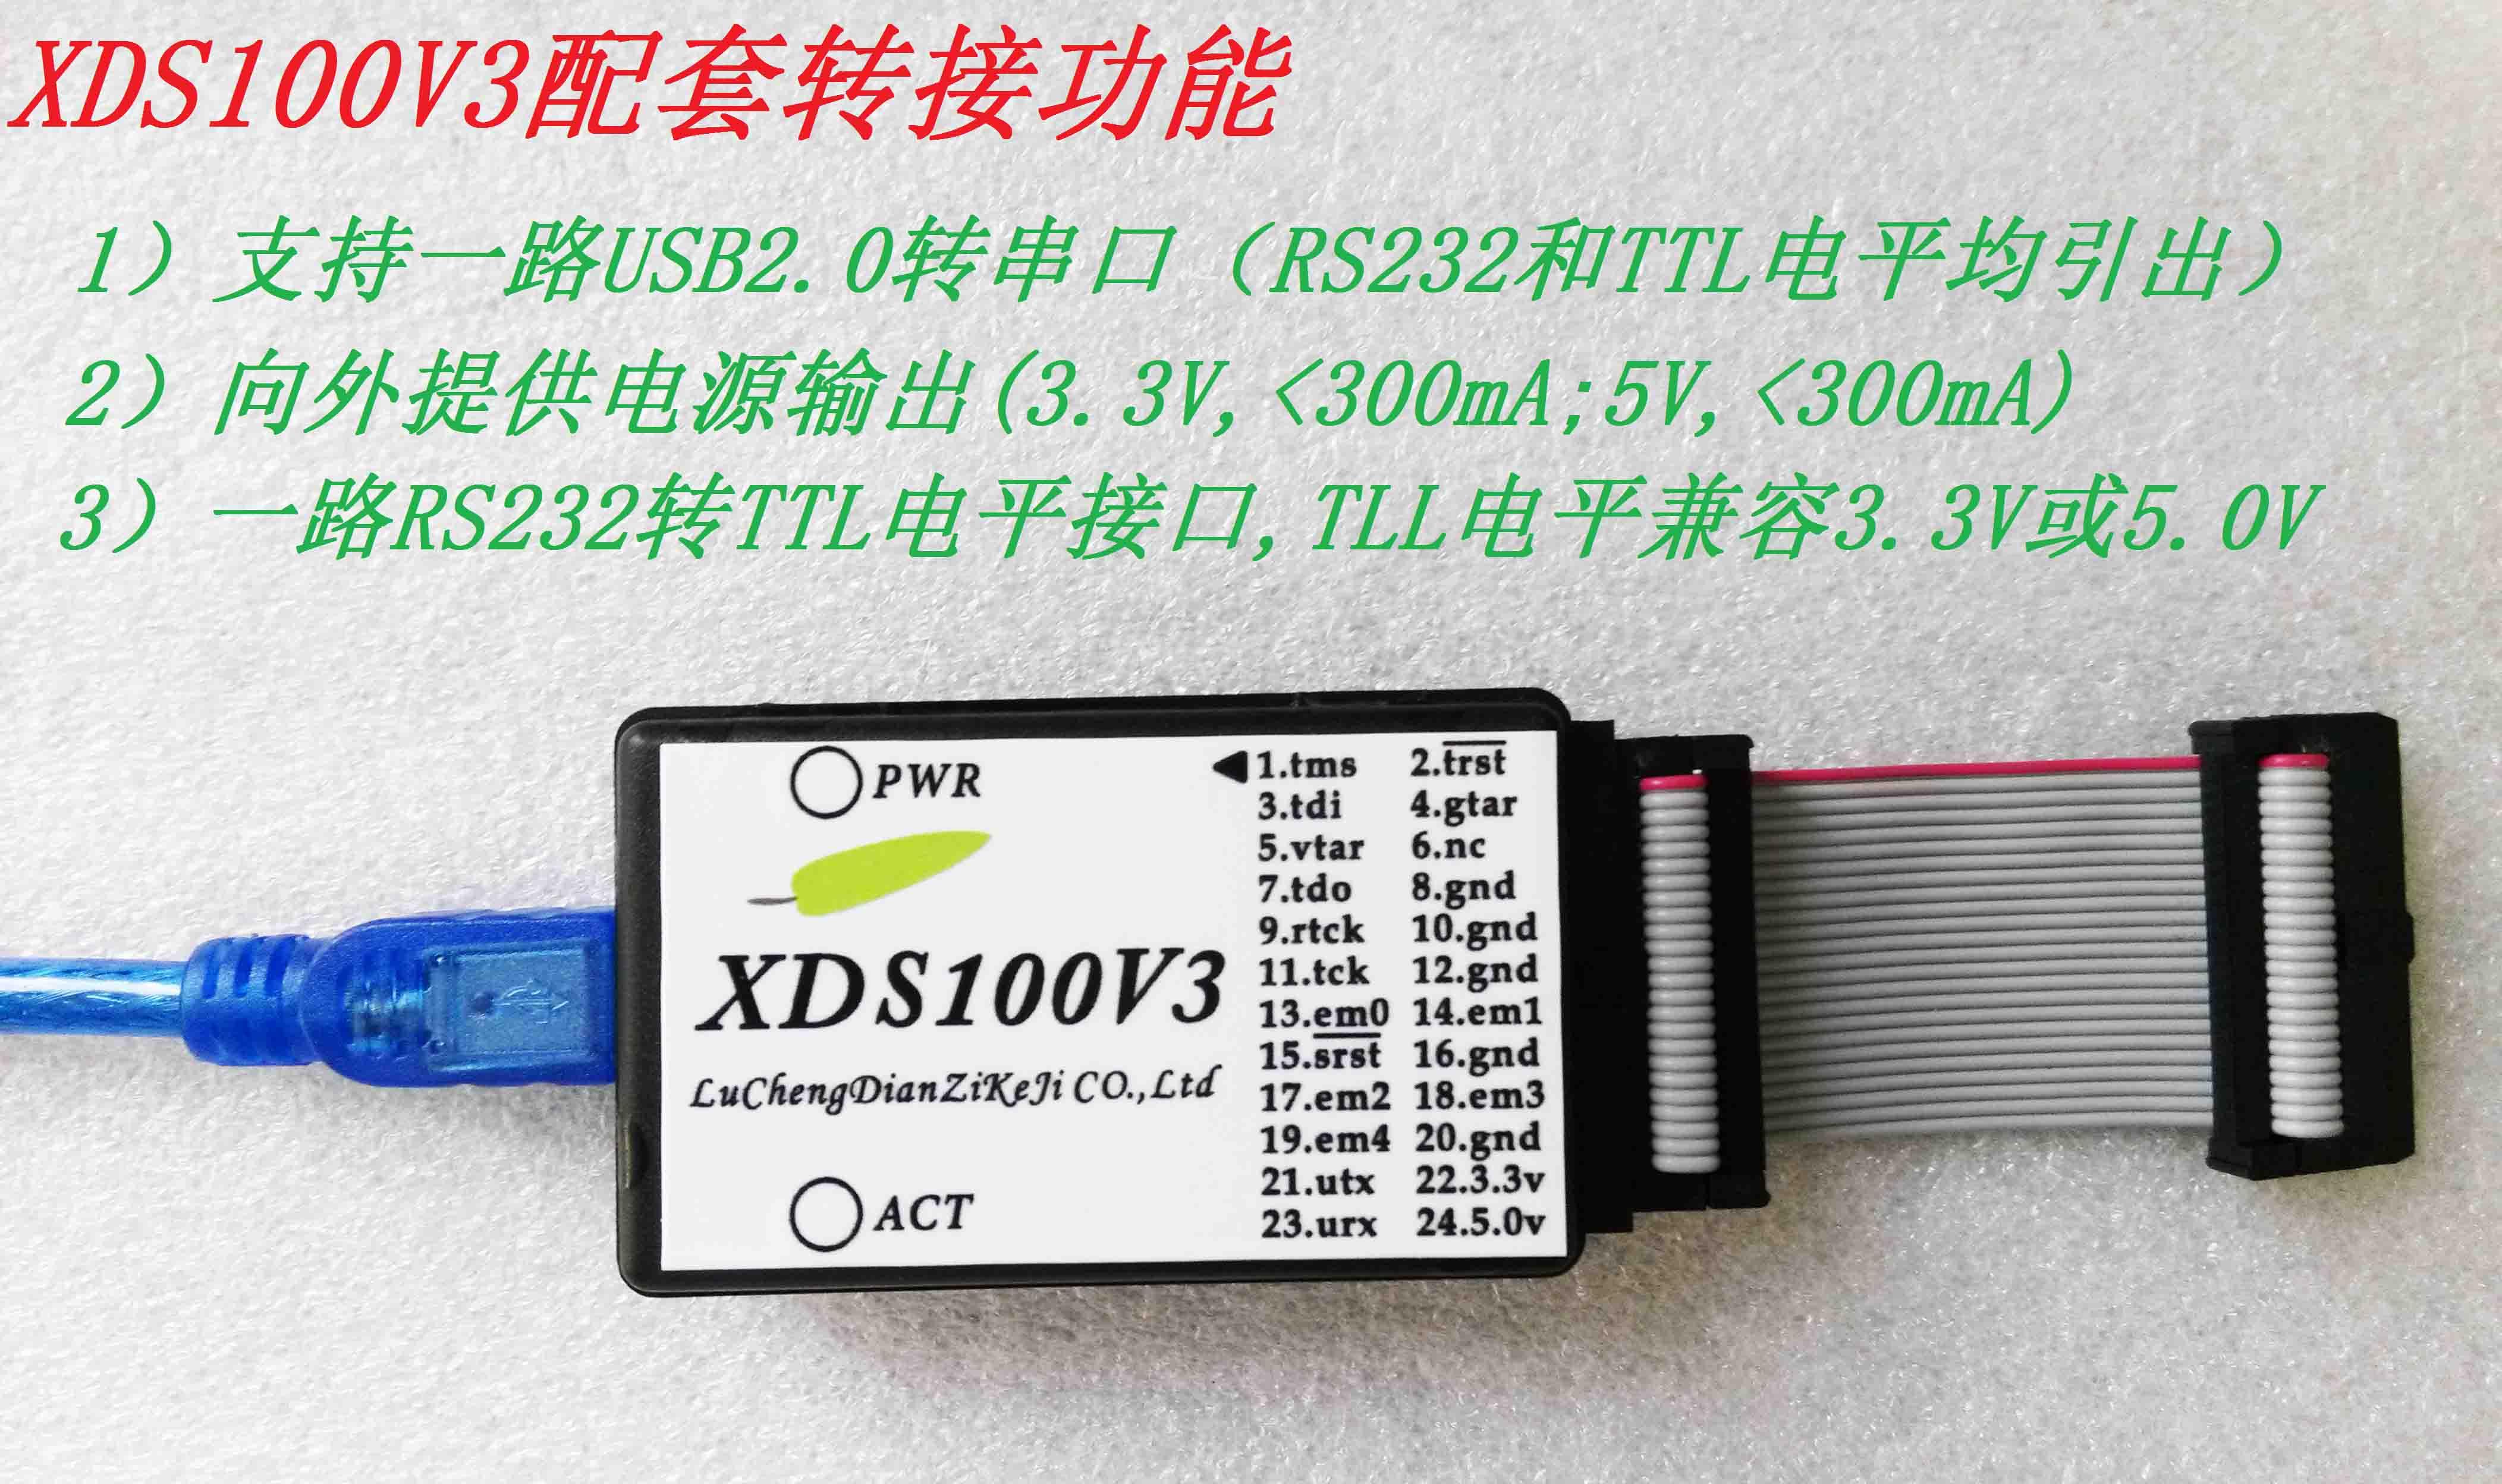 XDS100V3, TI DSP & ARM Simulator, Simulation, Serial Port Parallel, 5V, 3.3V Strong Output